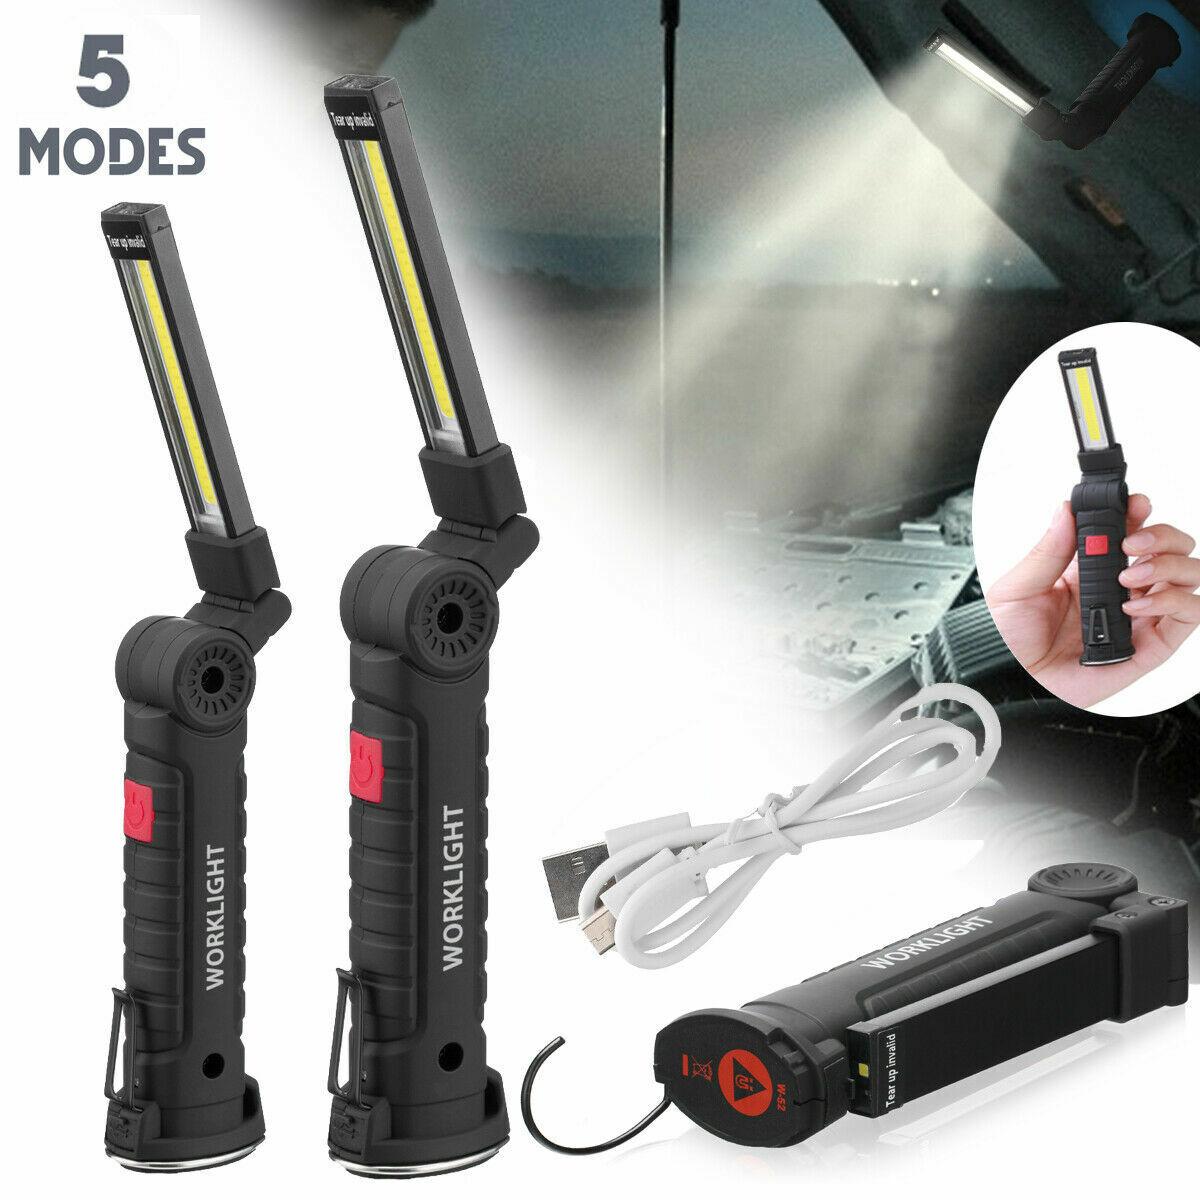 LED Motorhaubenleuchte Akku Stablampe Motorraumleuchte Arbeits Werkstatt Lampe